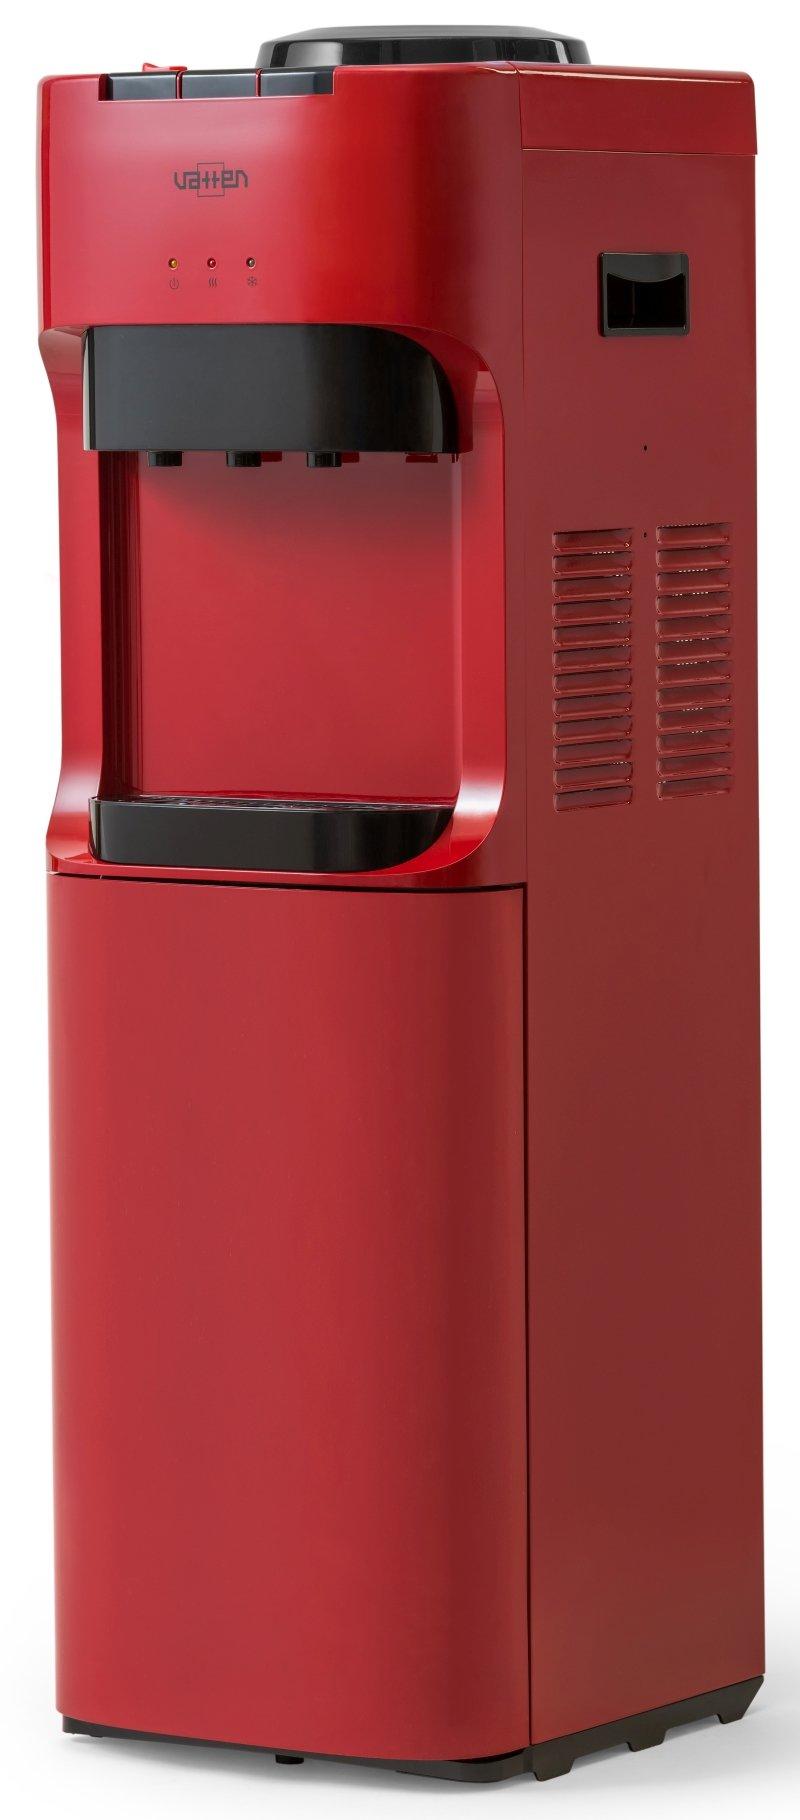 Кулер для воды Vatten V45RKB напольный, с нагревом и охлаждением, с холодильником